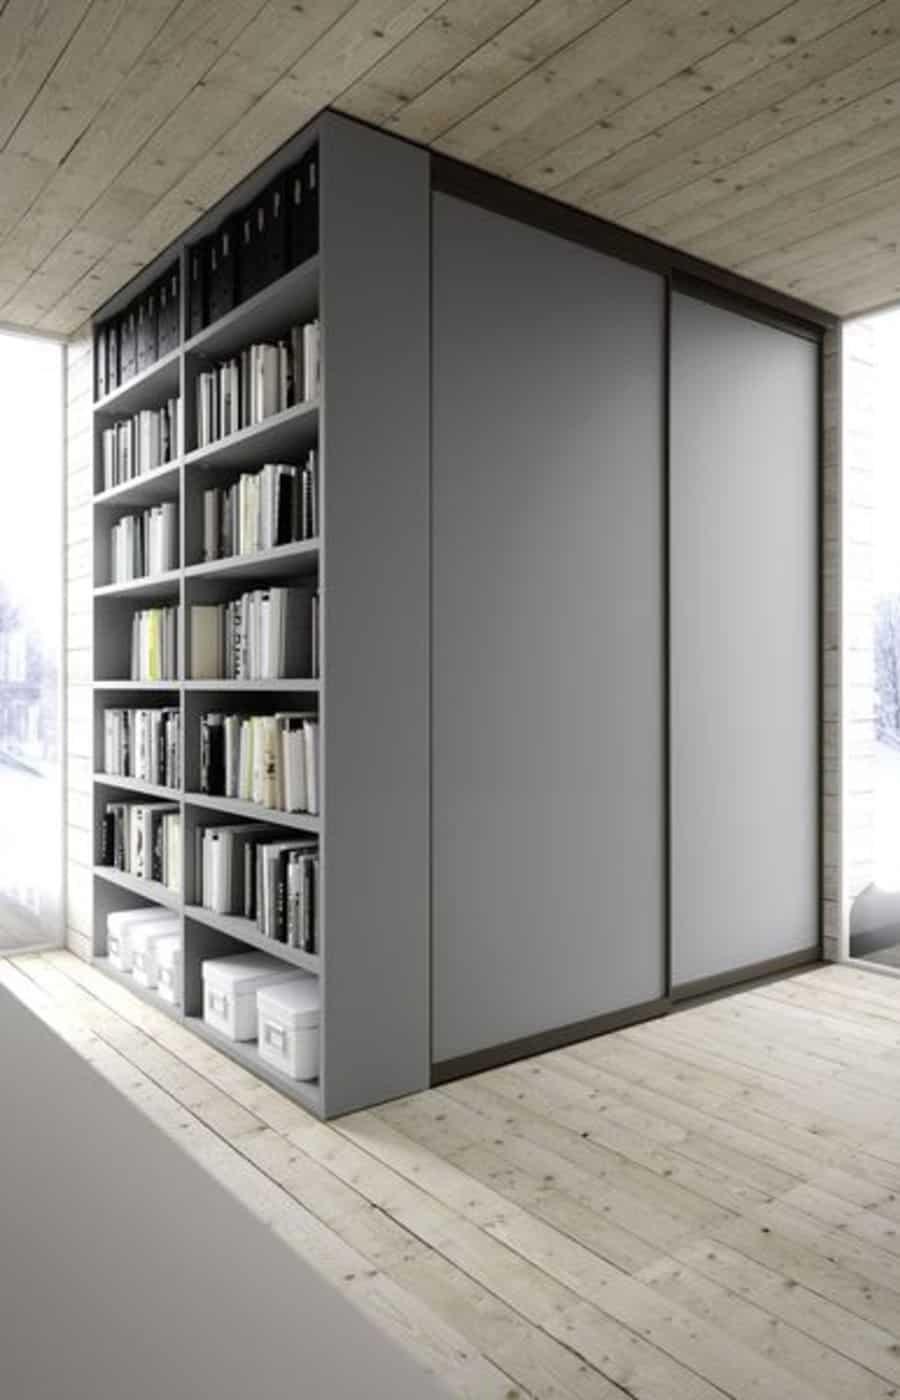 armadi-cabina-parete-libreria-collezione-primula-il-mobile